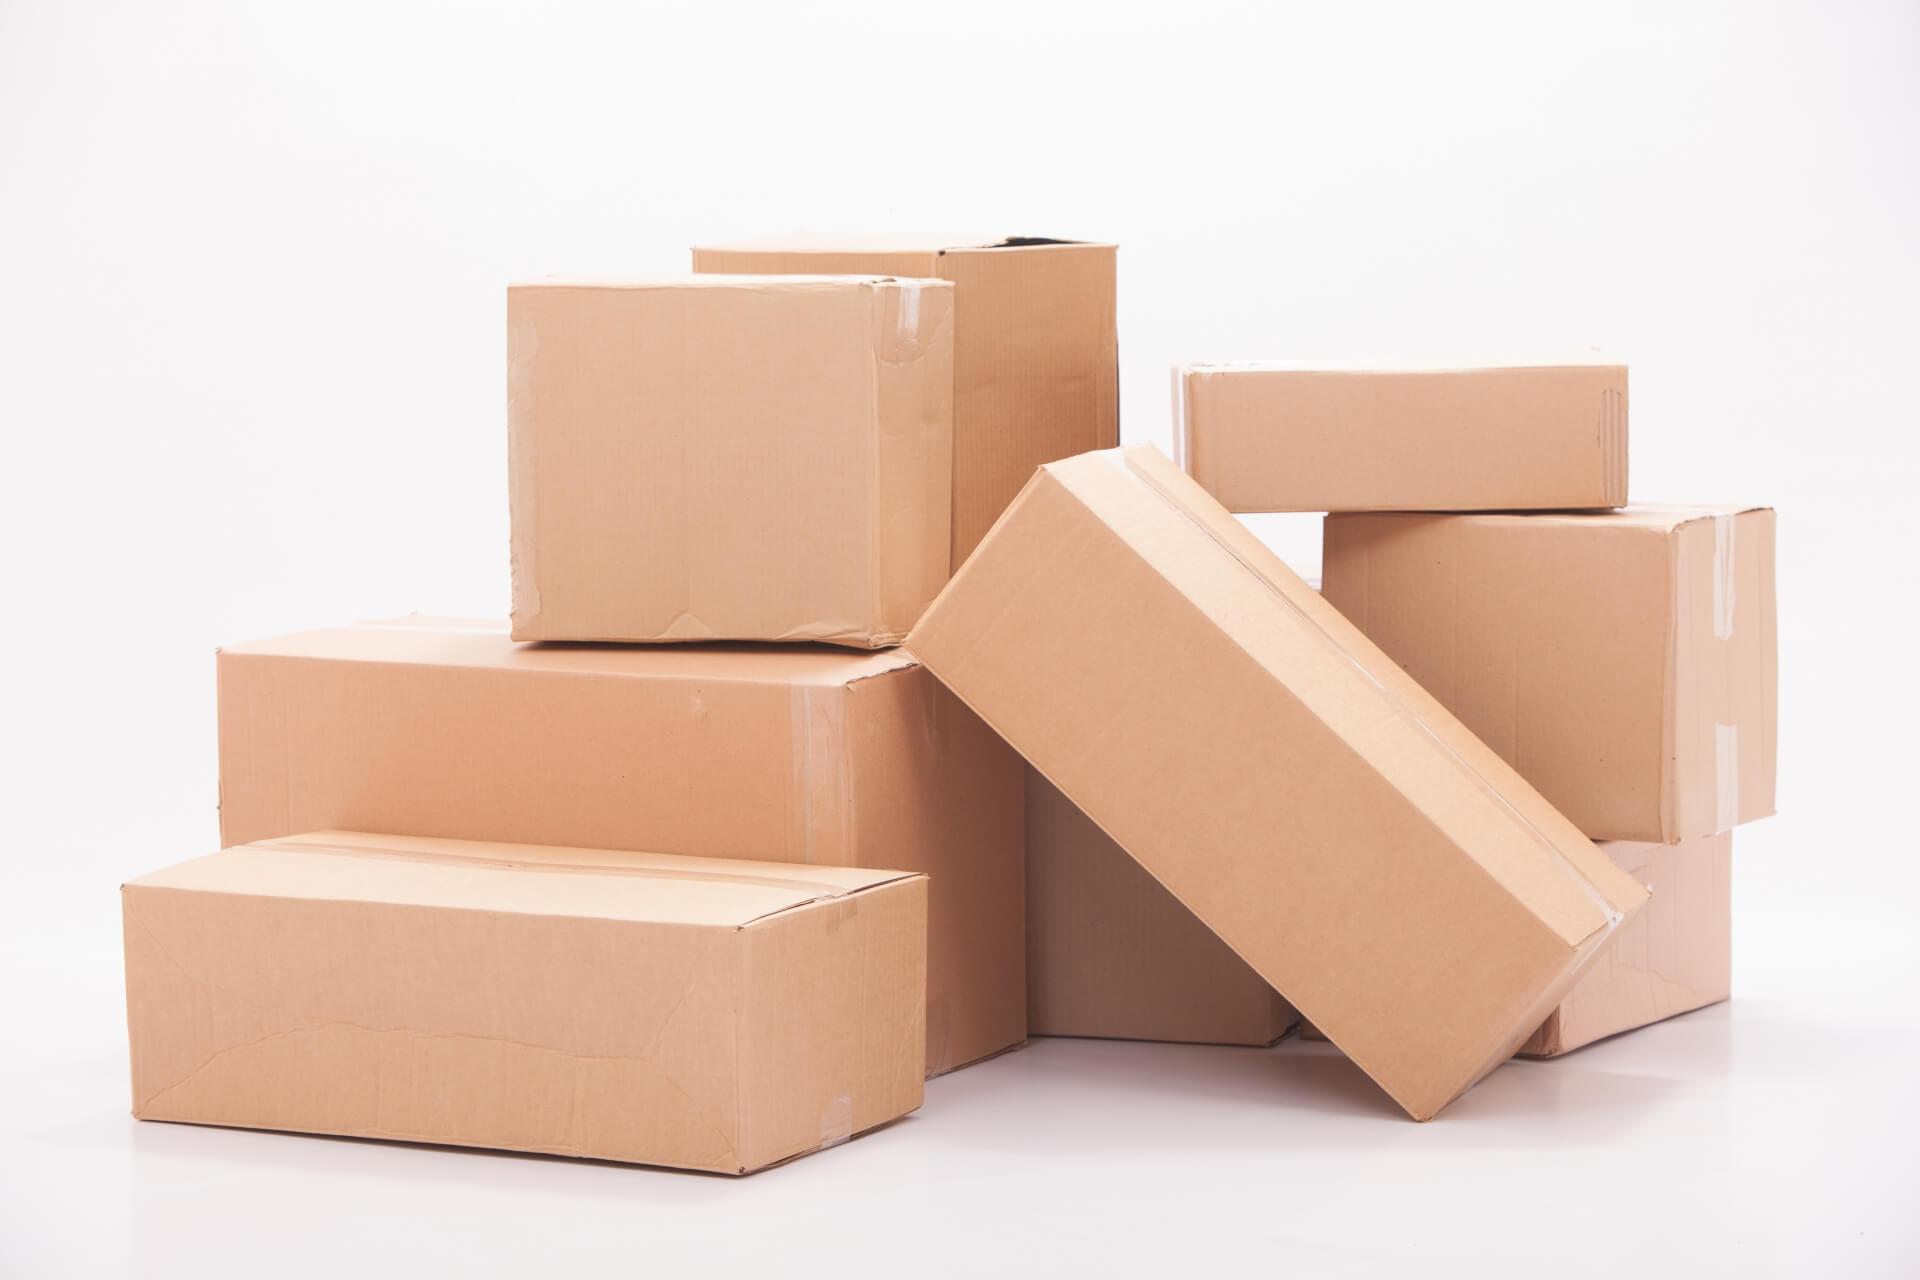 荷物 郵便 最短 送る方法